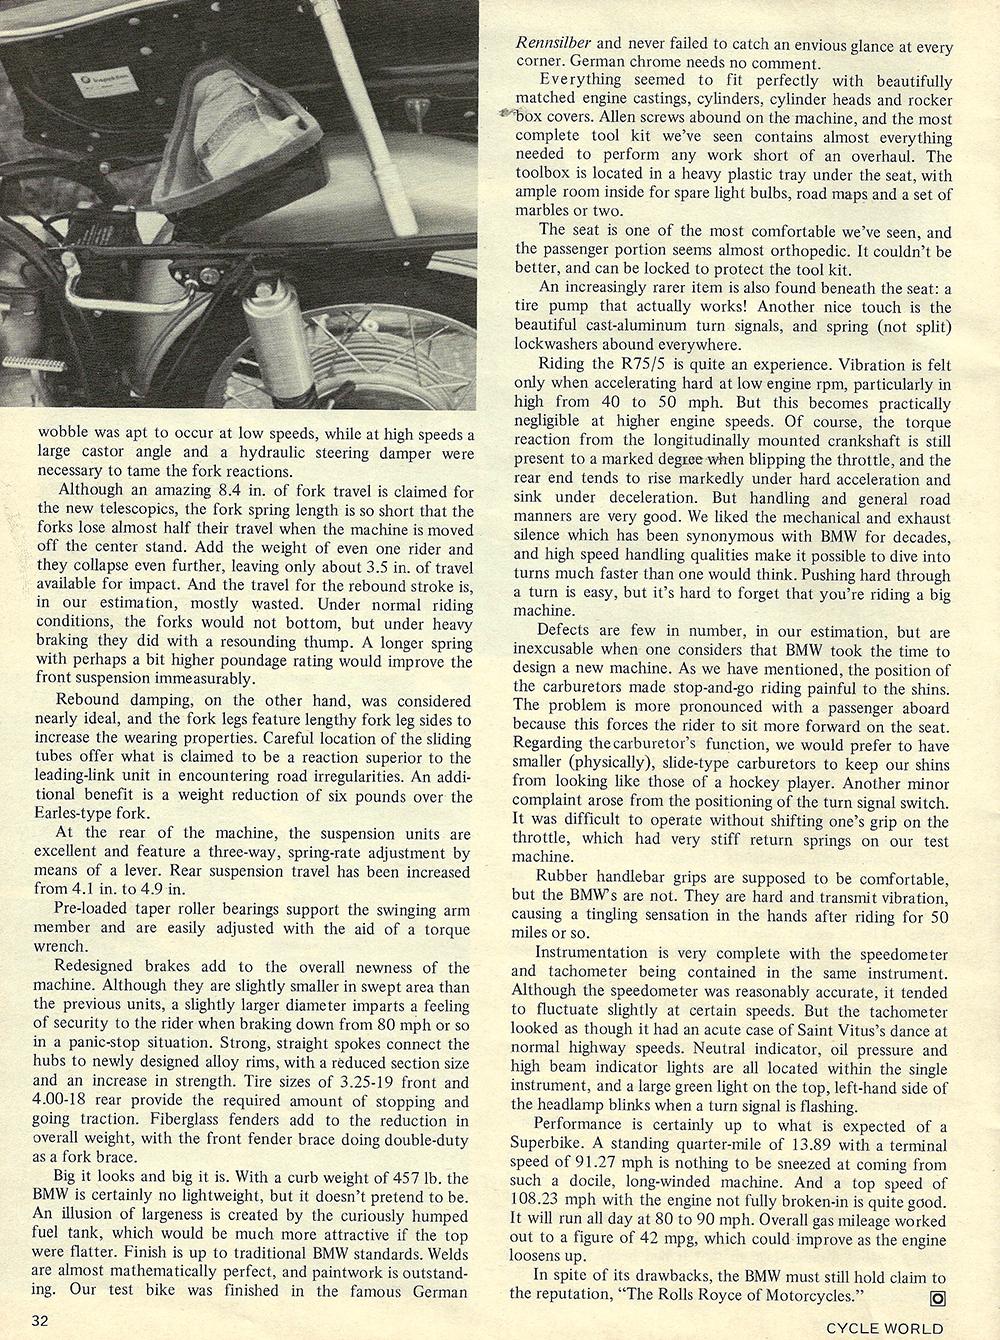 1970 BMW R75-5 road test 04.jpg